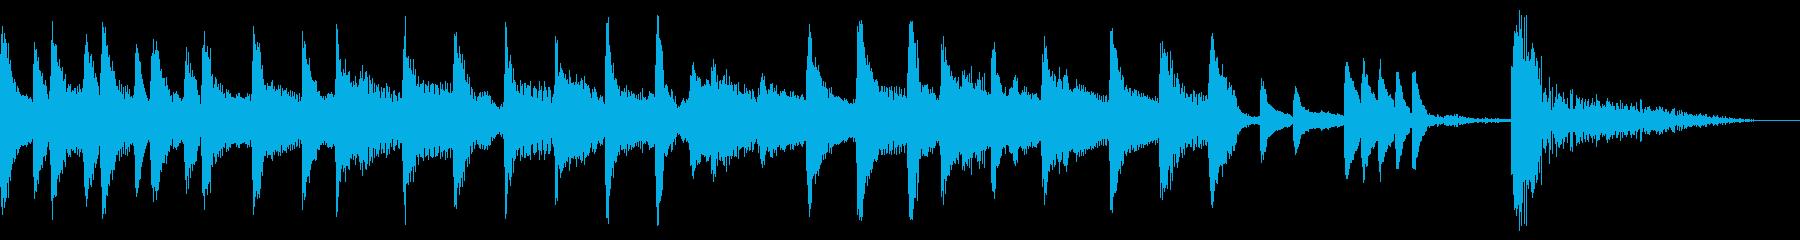 【ジングル】カートゥーン風コミカルジングの再生済みの波形